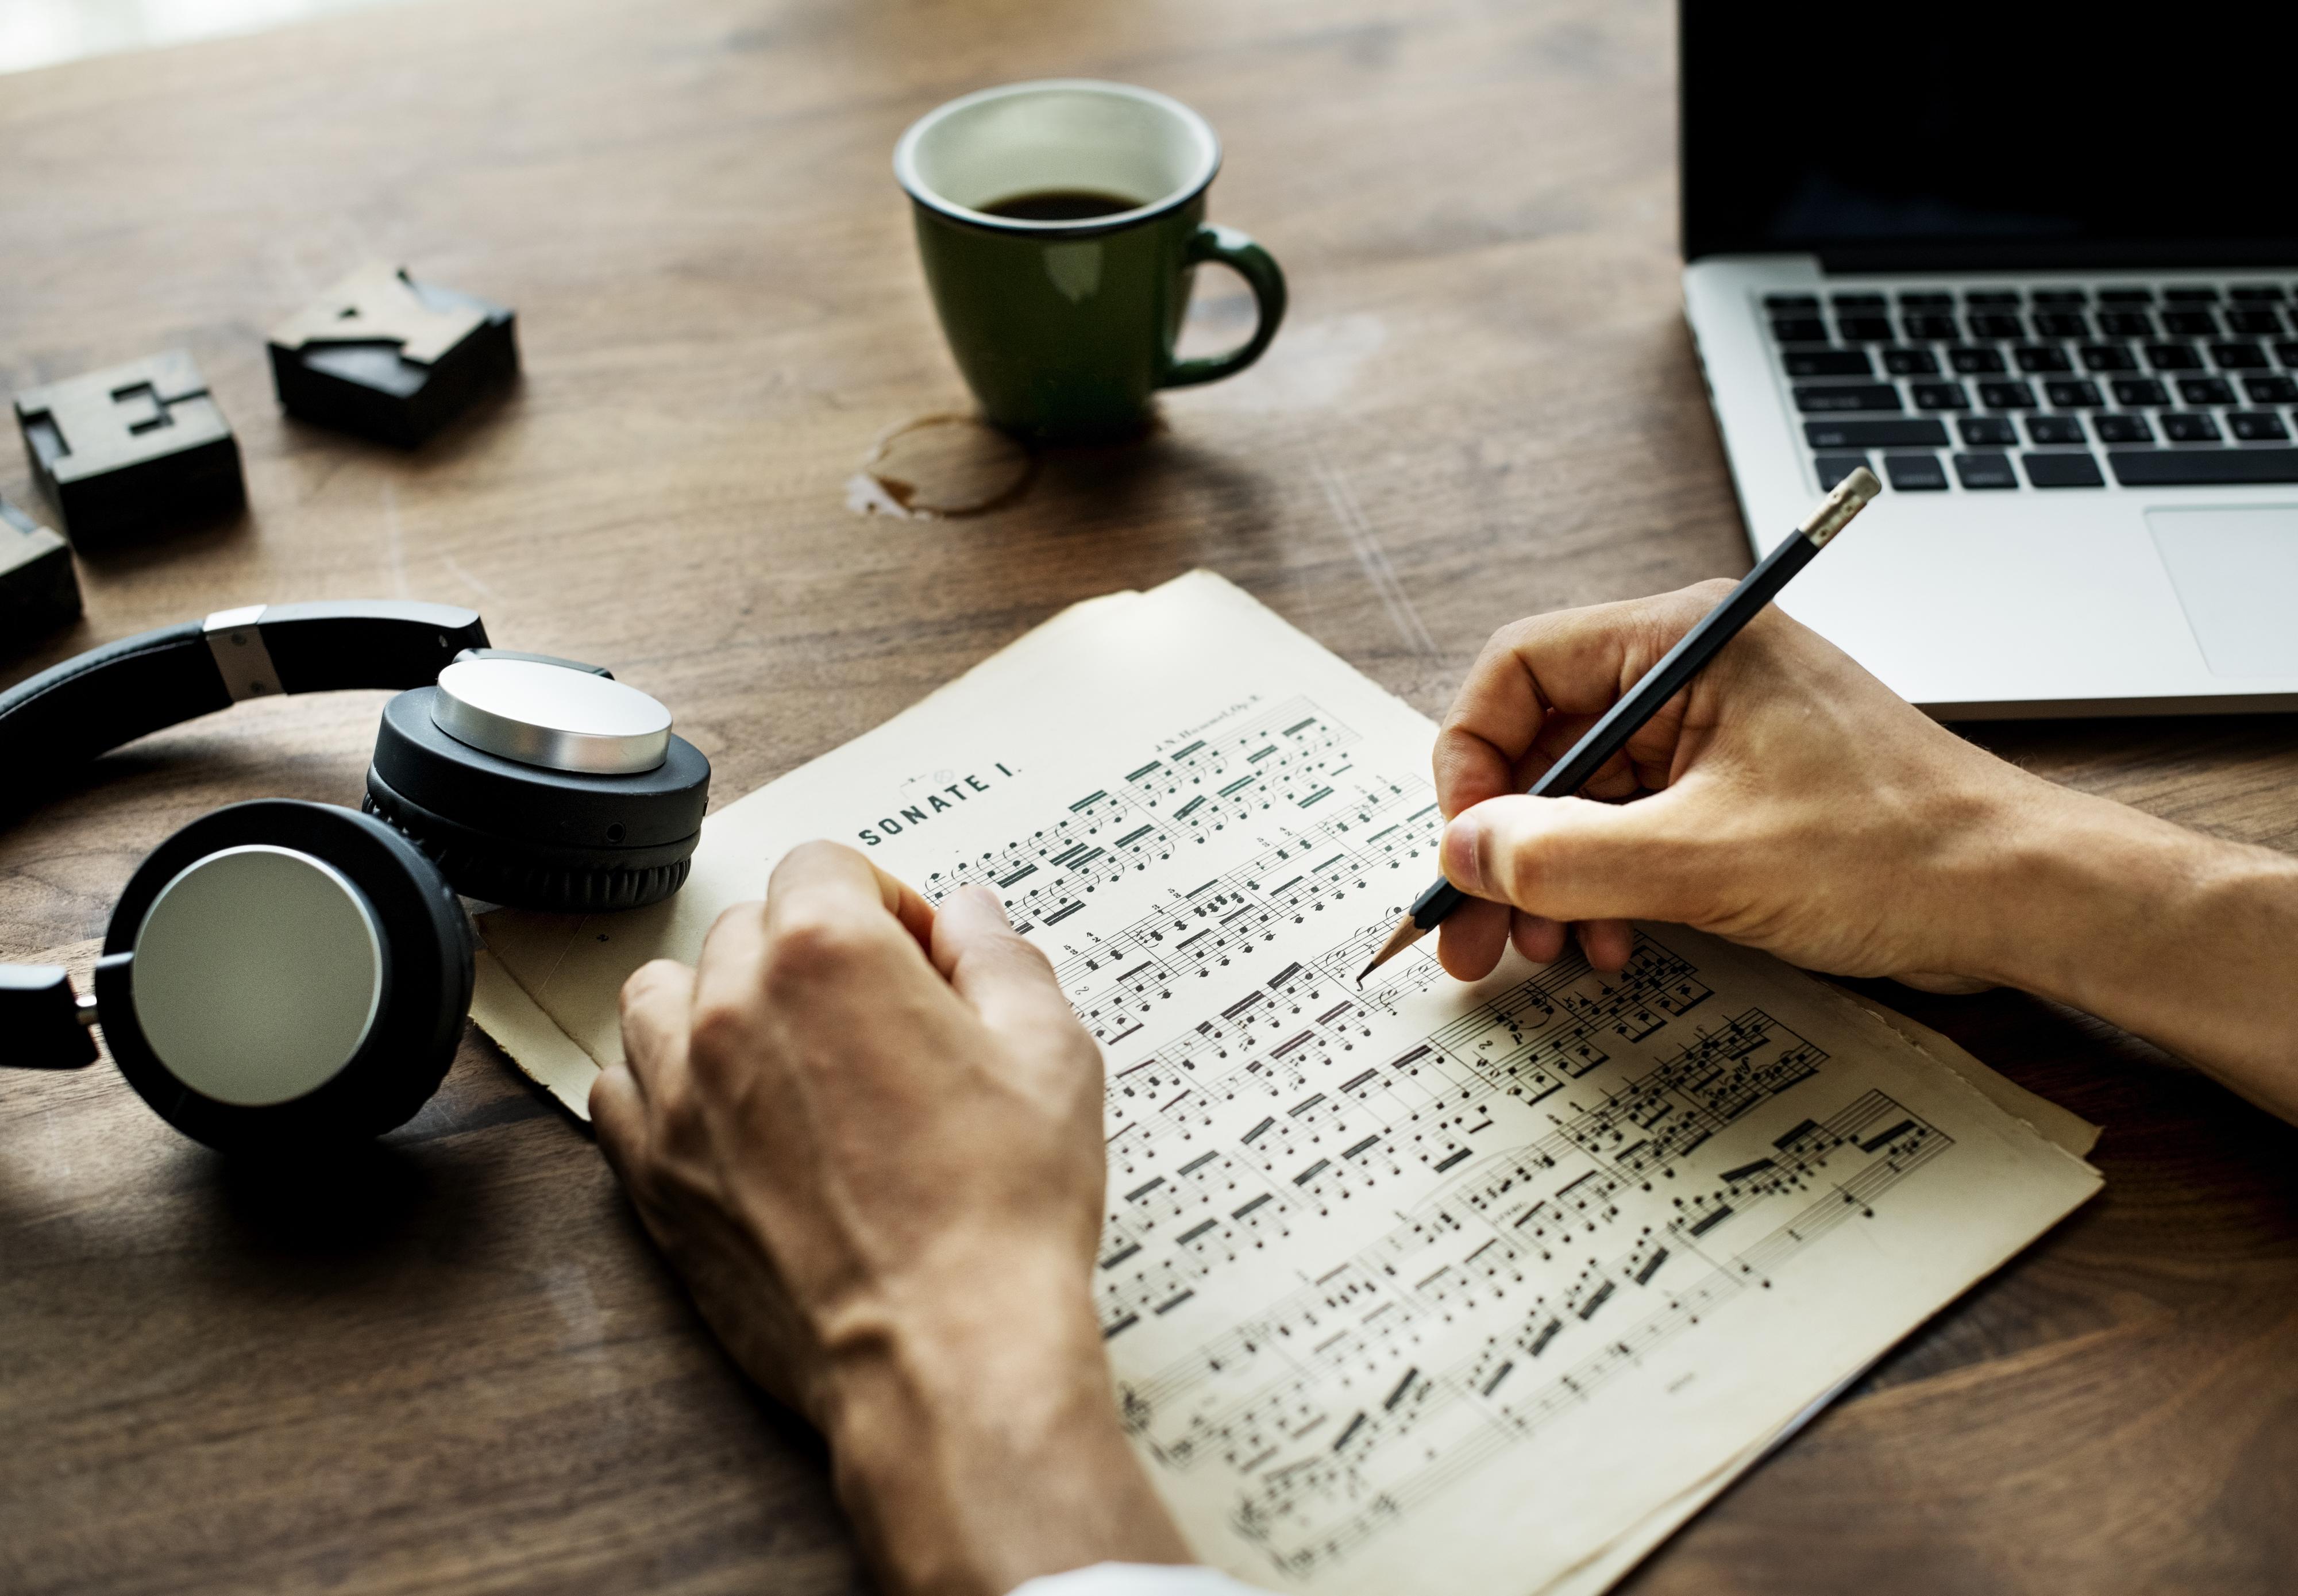 ходит пишу музыку картинки если хотите